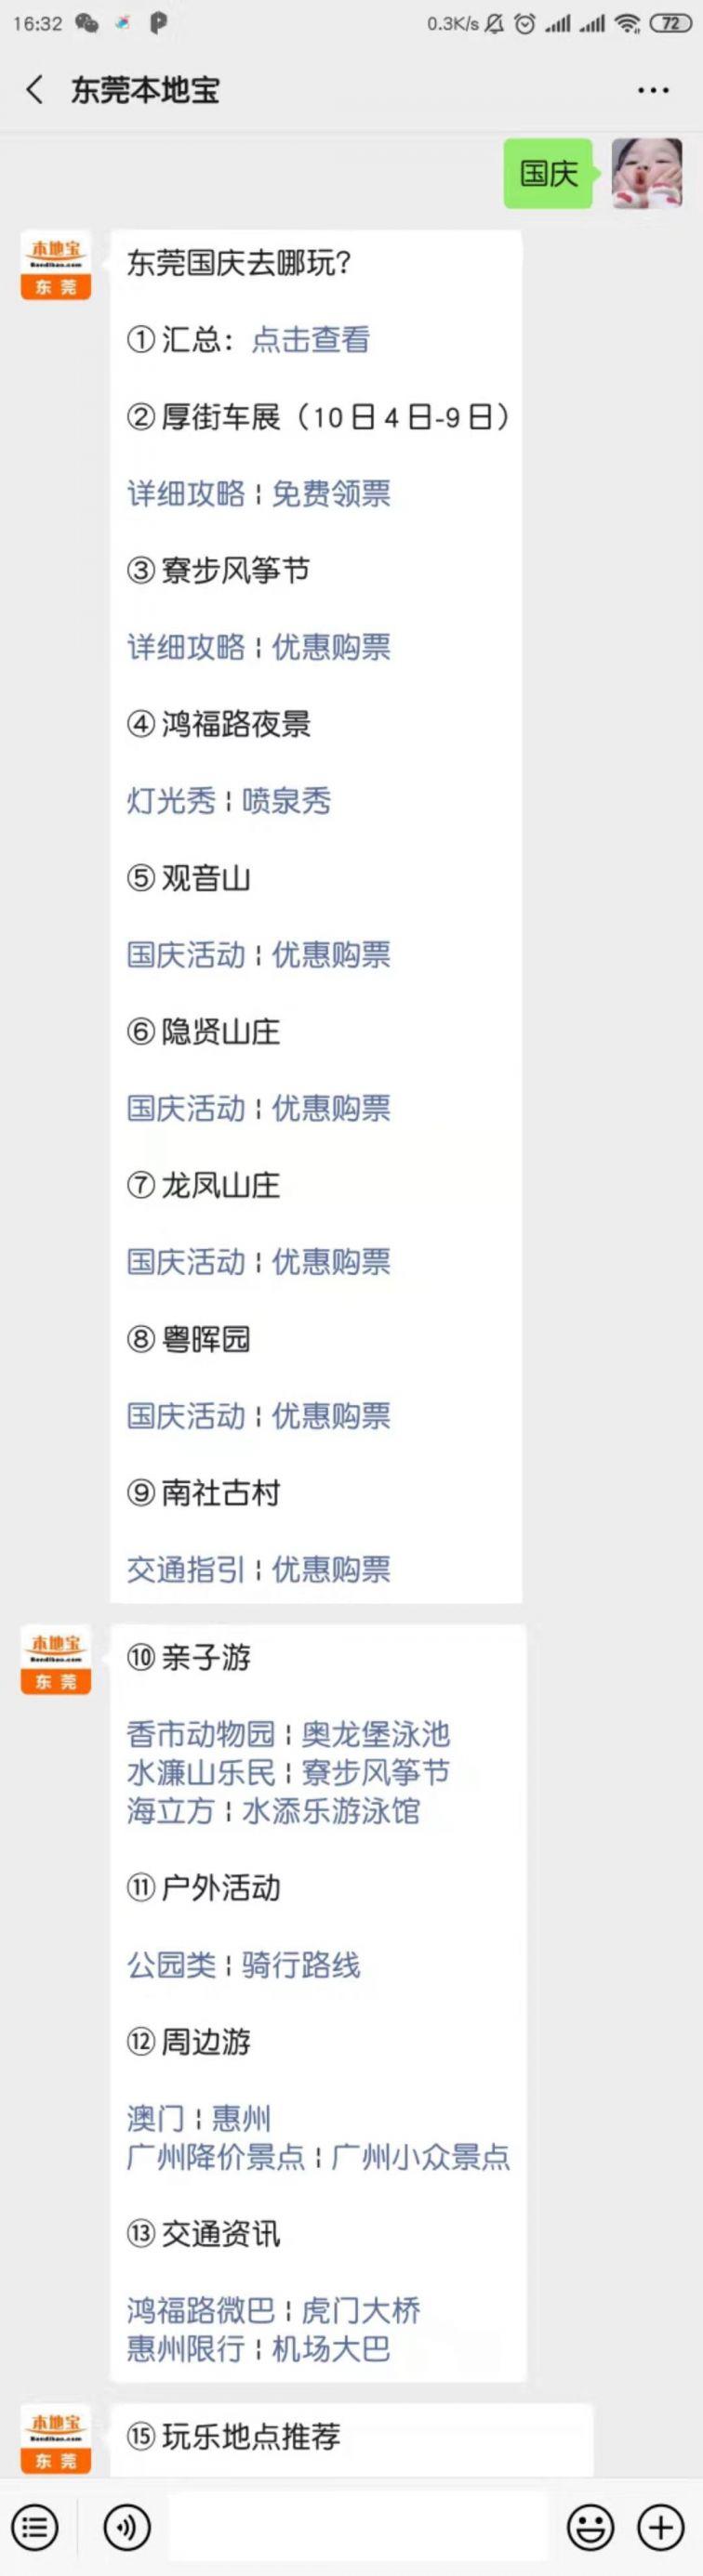 2019东莞国庆期间上映电影一览